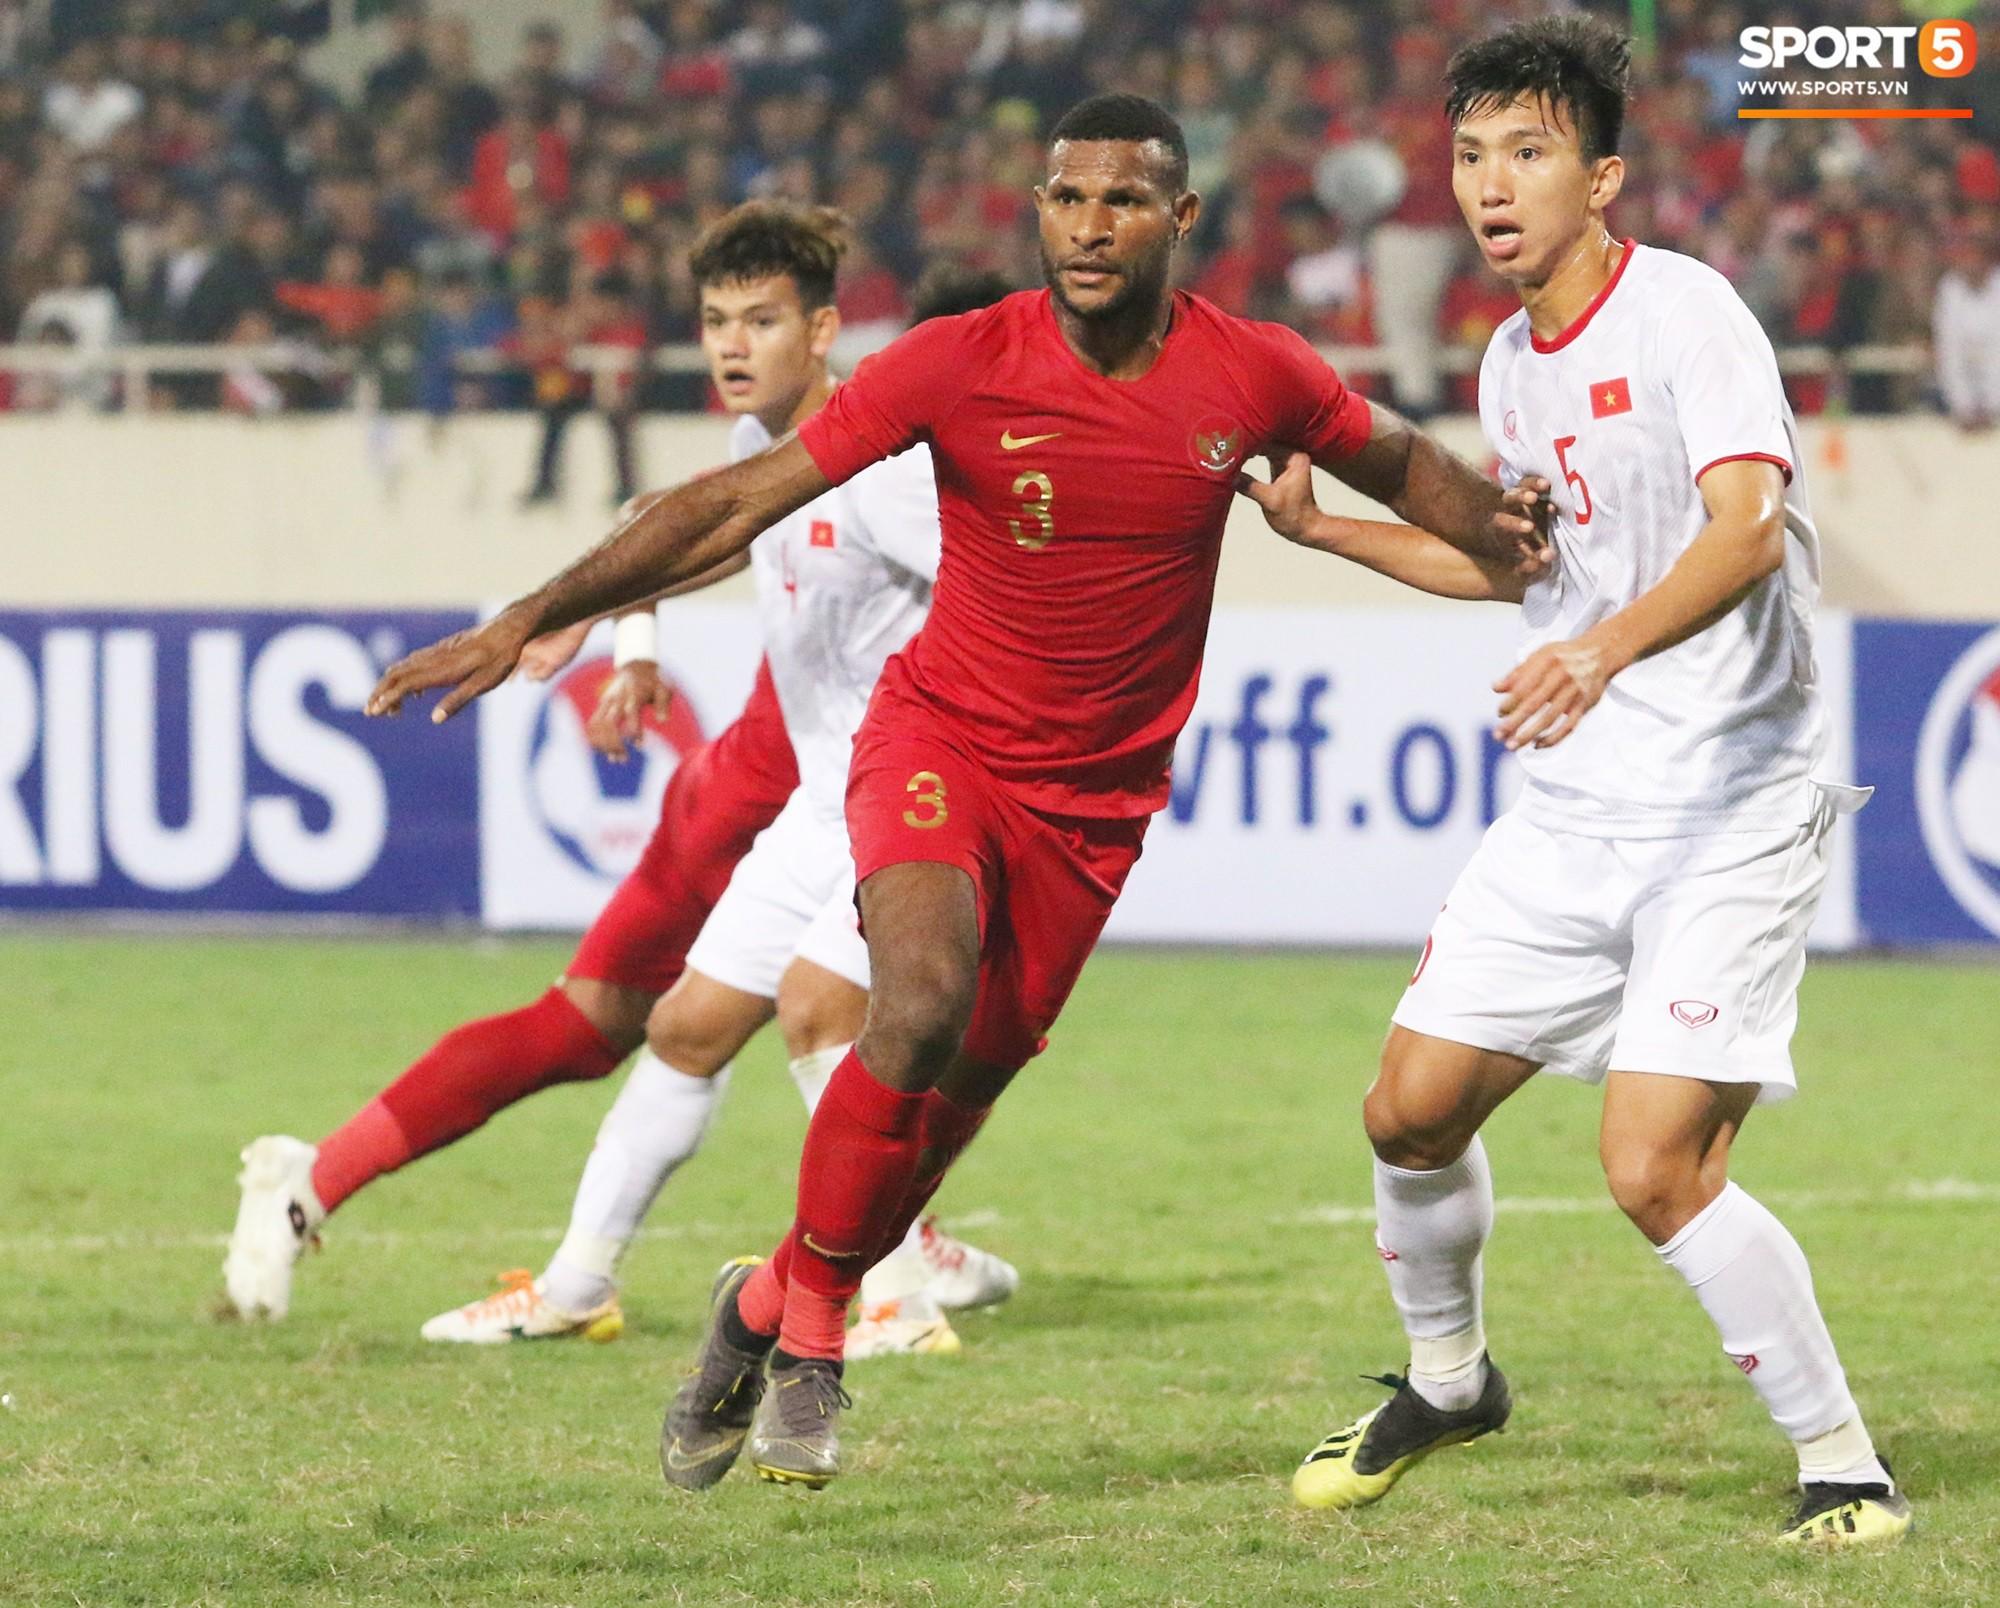 Hài hước nhìn cầu thủ ông chú U23 Indonesia cố gắng bắt chuyện làm thân với